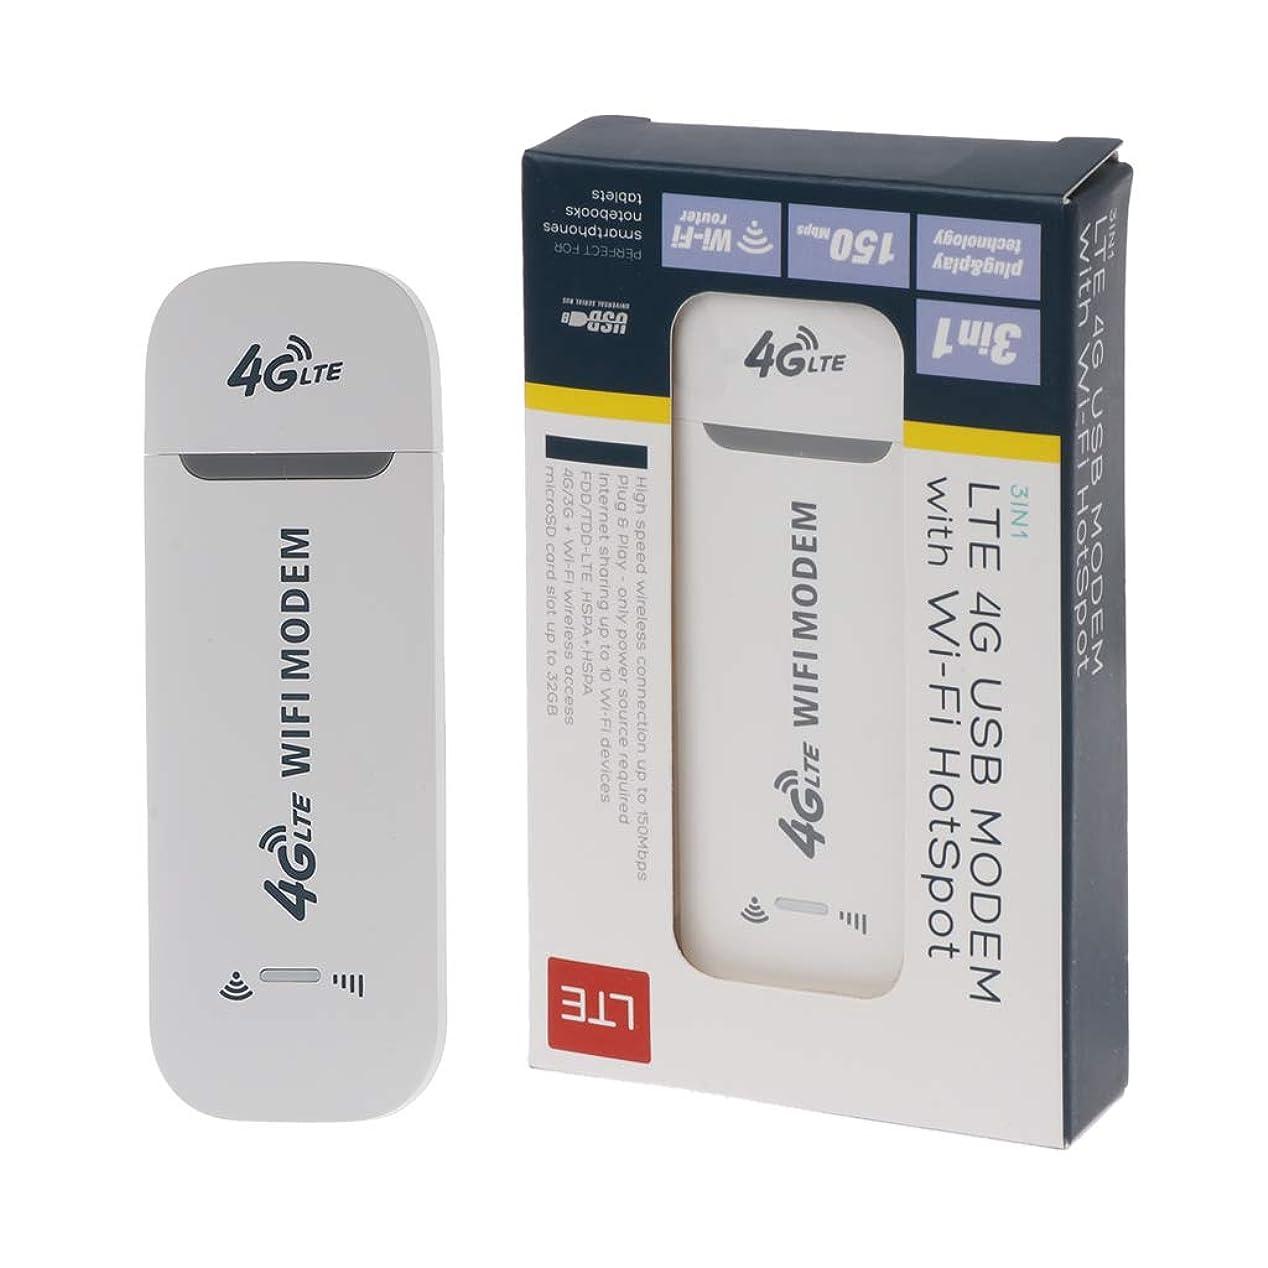 ライム航空会社のどAbnana WiFiホットスポットSIMカード付き4G LTE USBモデムネットワークアダプターWin XP Vista 7/10 Mac 10.4 IOS用4Gワイヤレスルーター